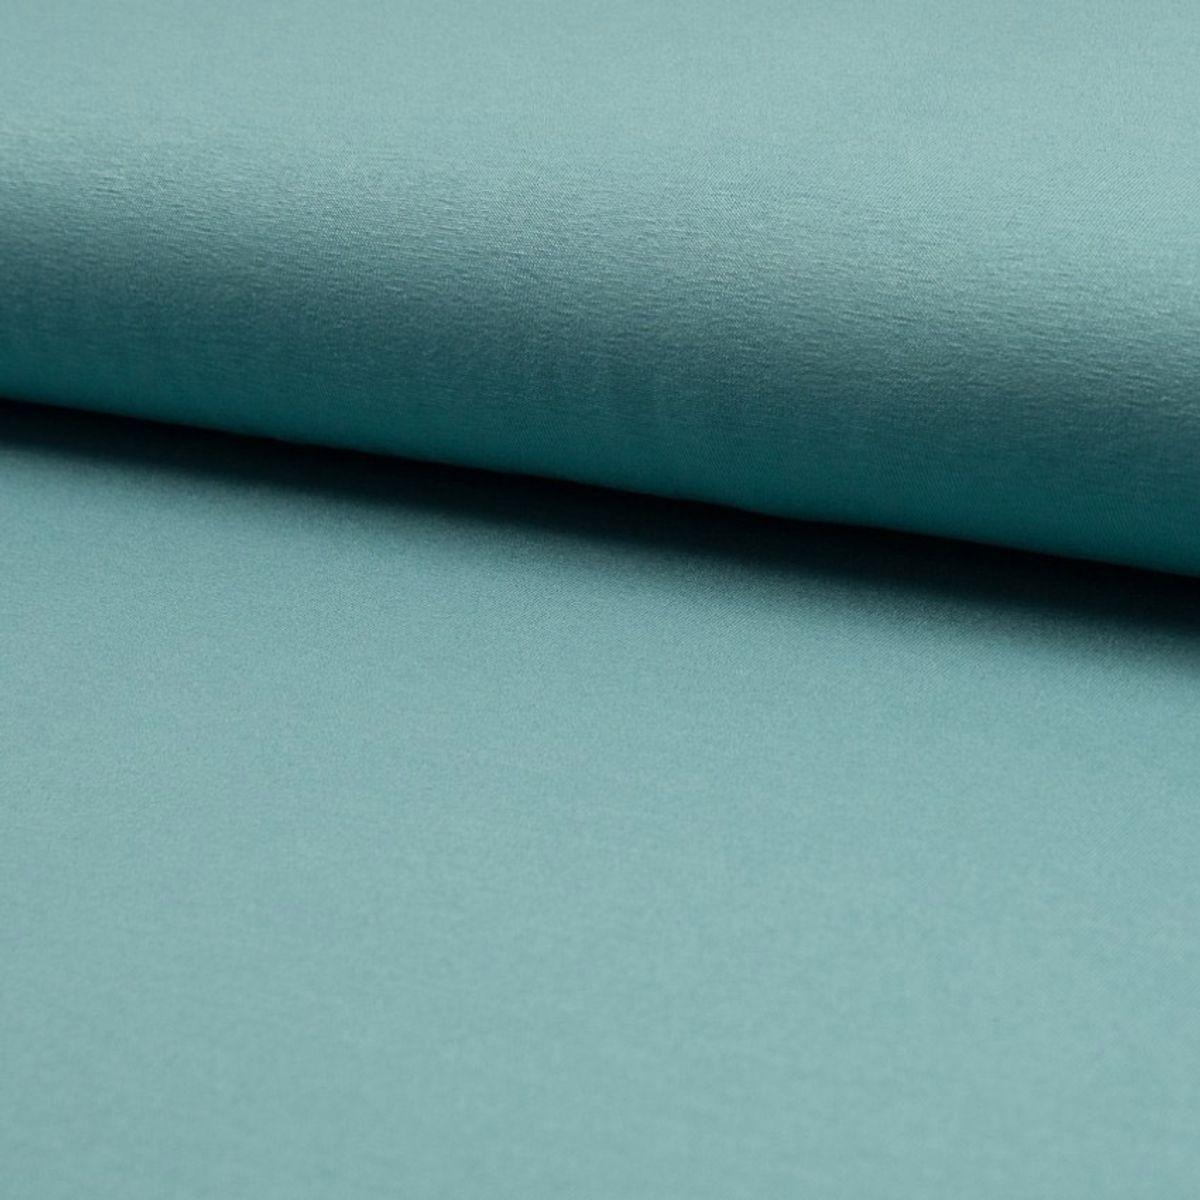 Tissu jersey viscose - Bleu vert